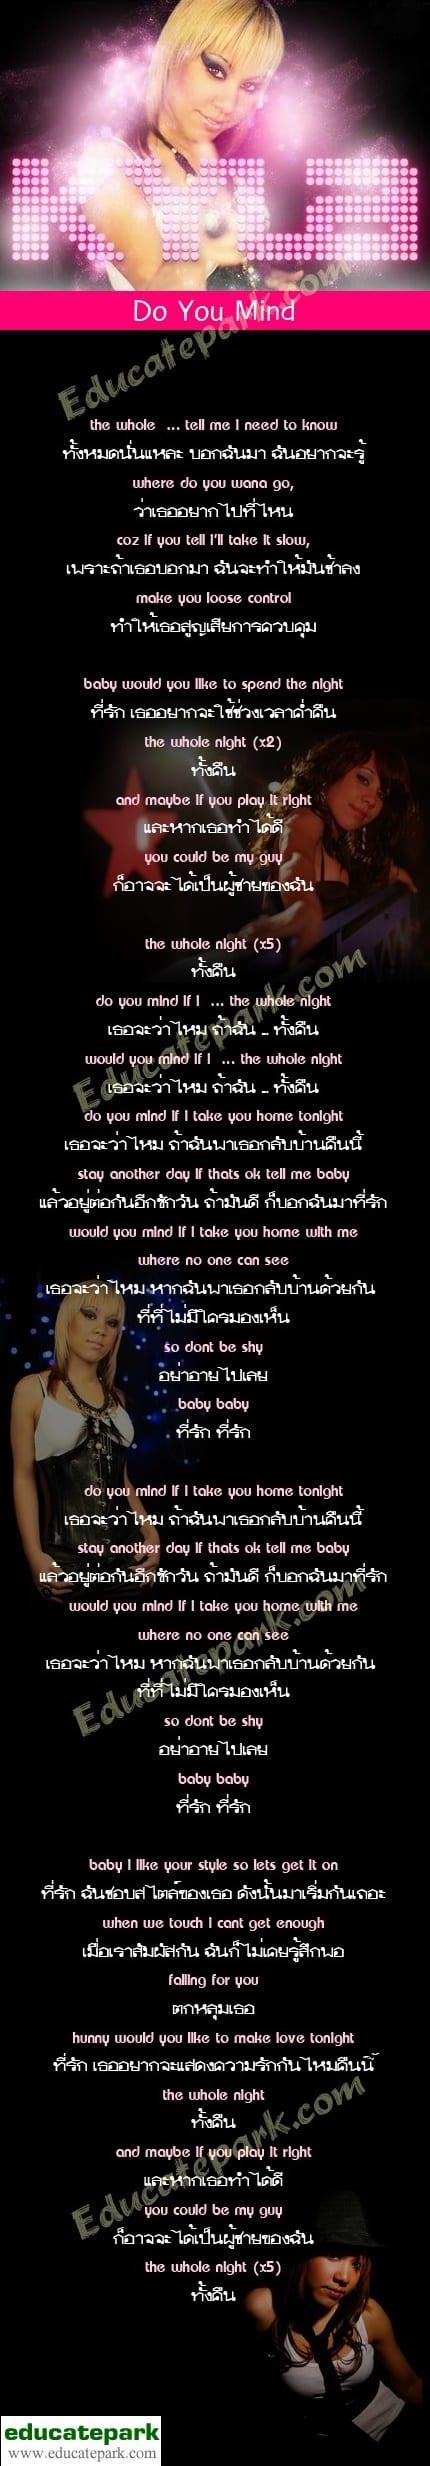 แปลเพลง Do You Mind - Kyla